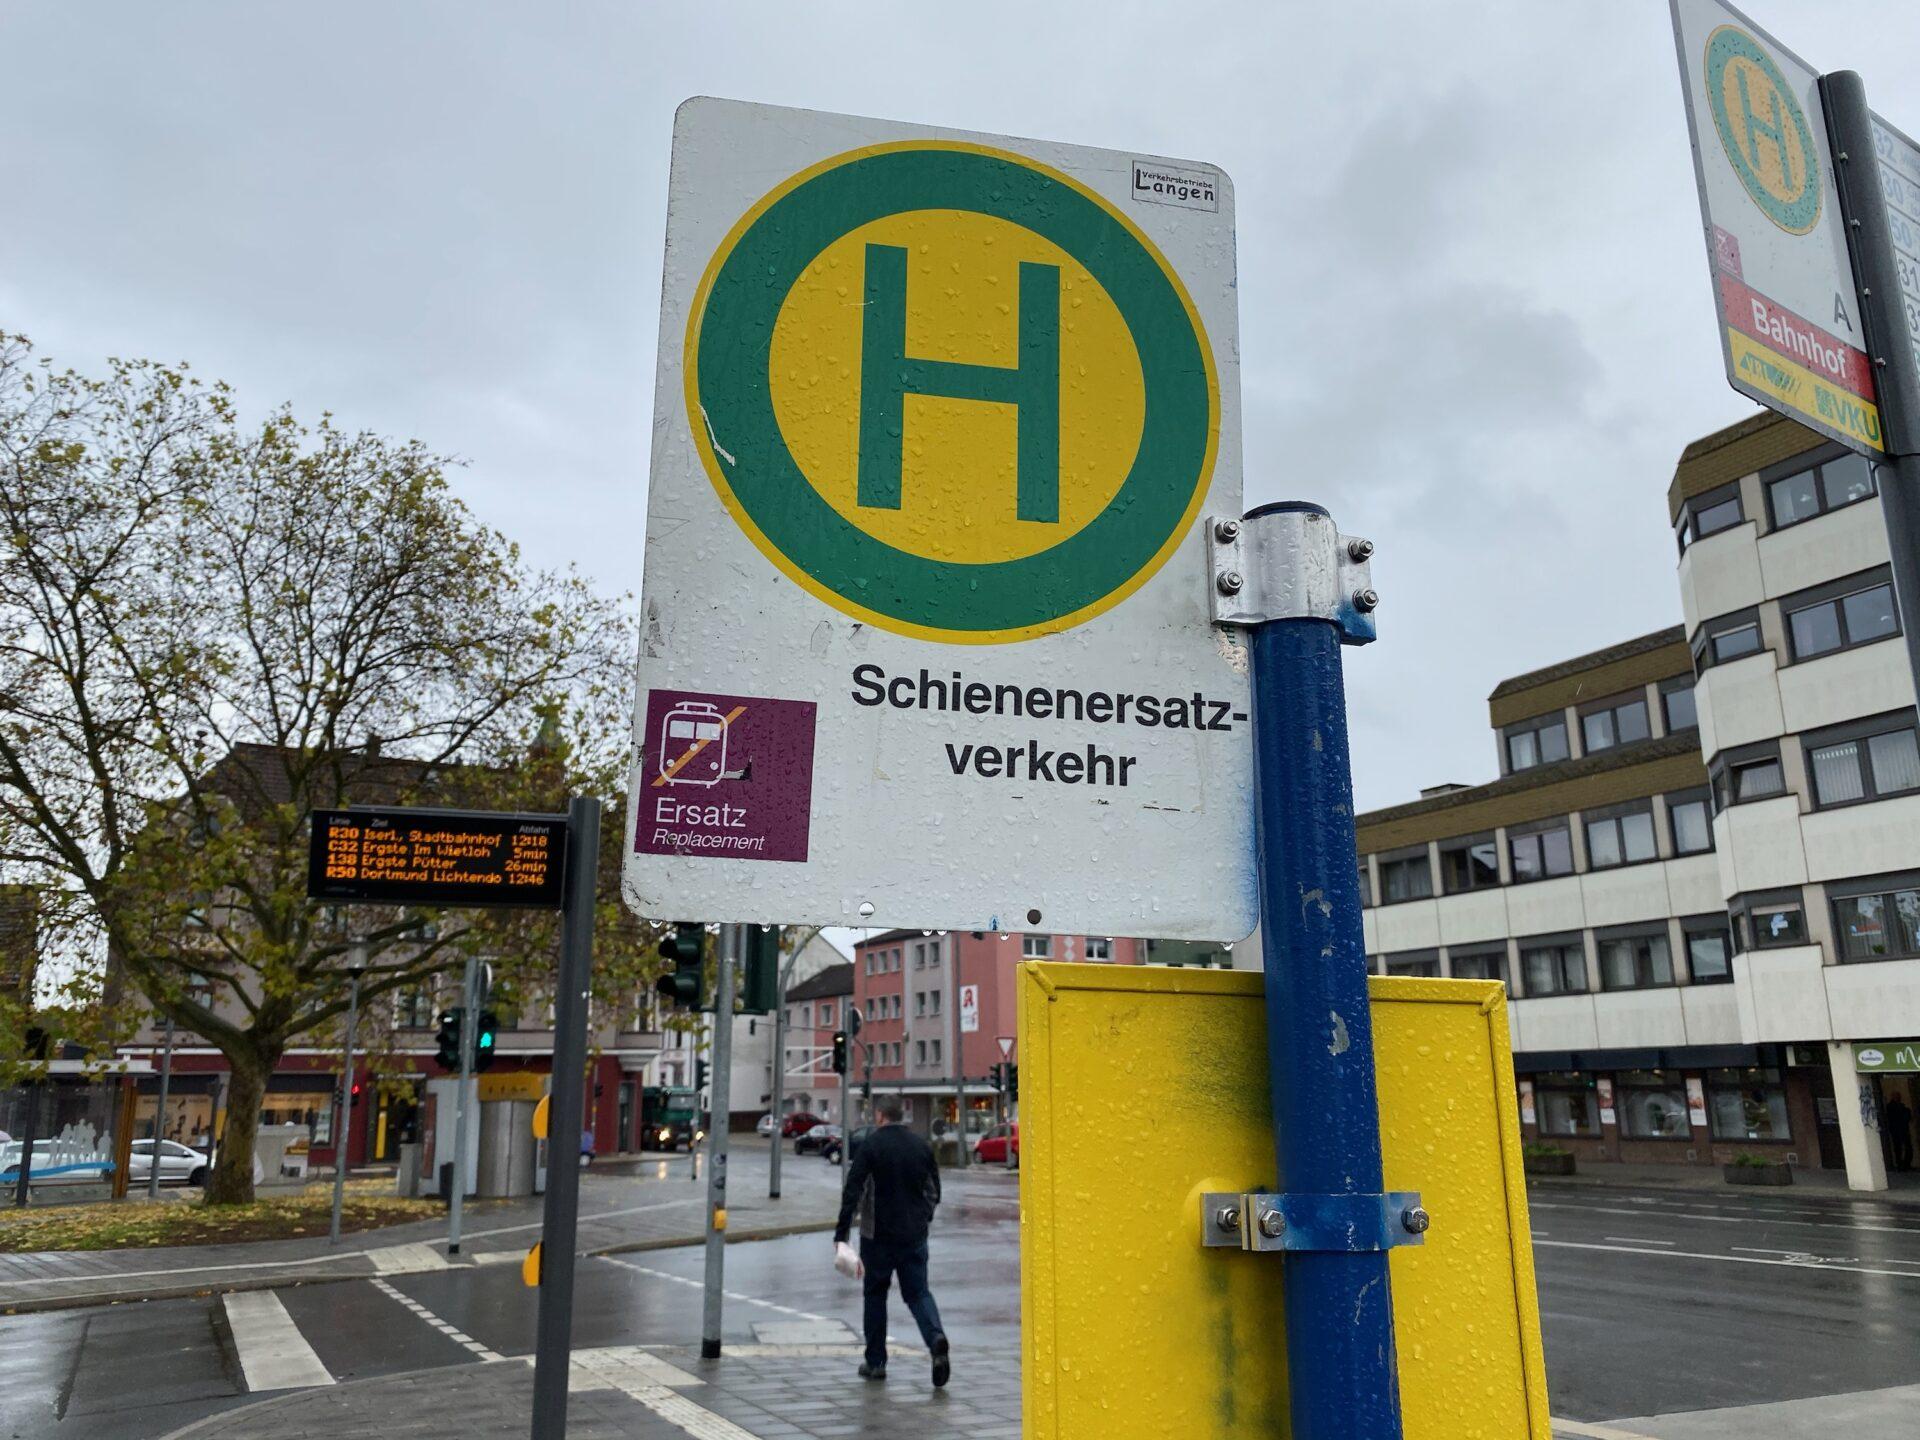 Bierdose im Staufach: Linienbusfahrer unter Alkoholeinfluss im Dienst